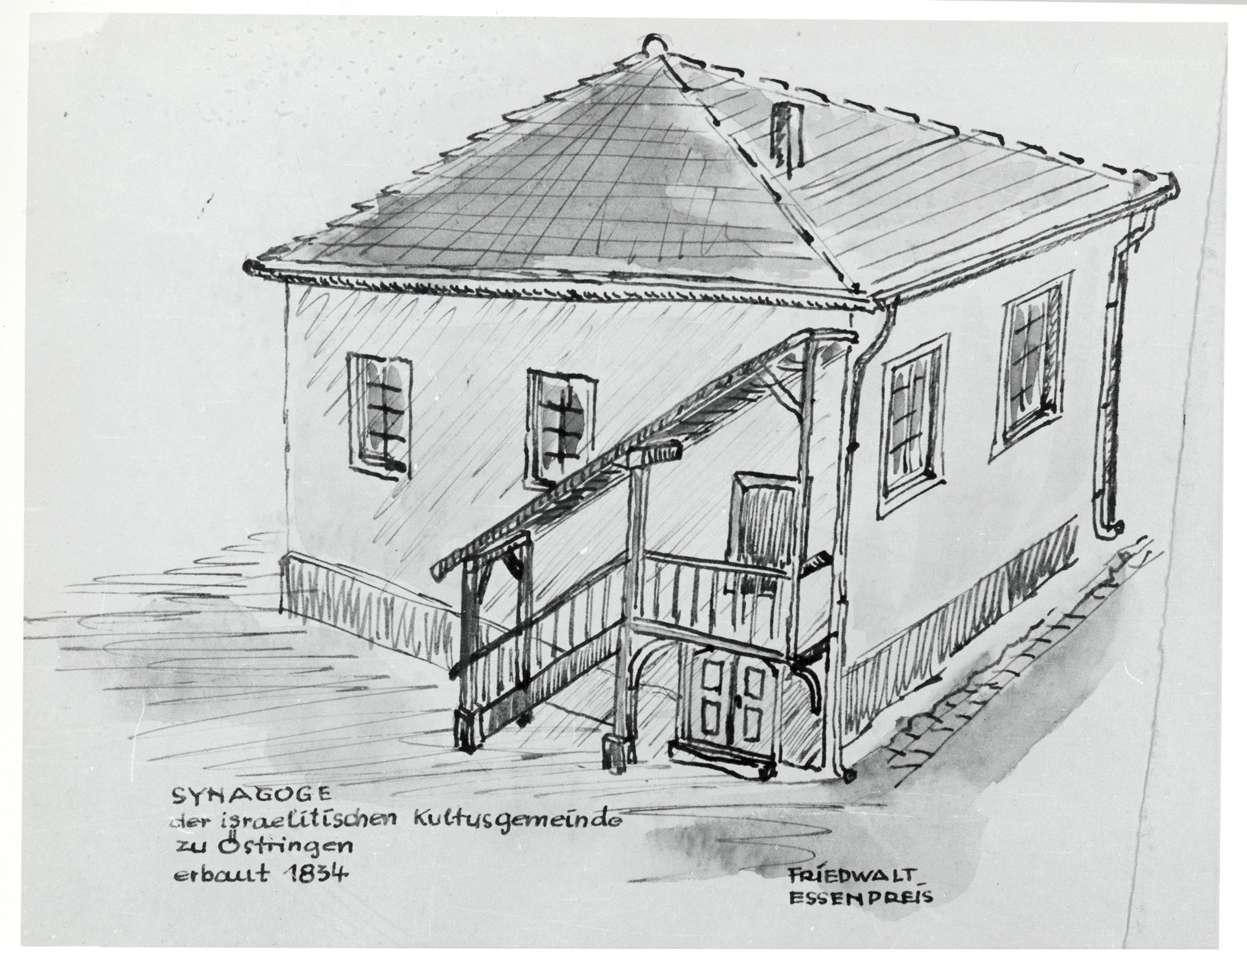 Östringen, KA; Synagoge vor 1936 (Zeichnung von Friedwalt Essenpreis), Bild 1